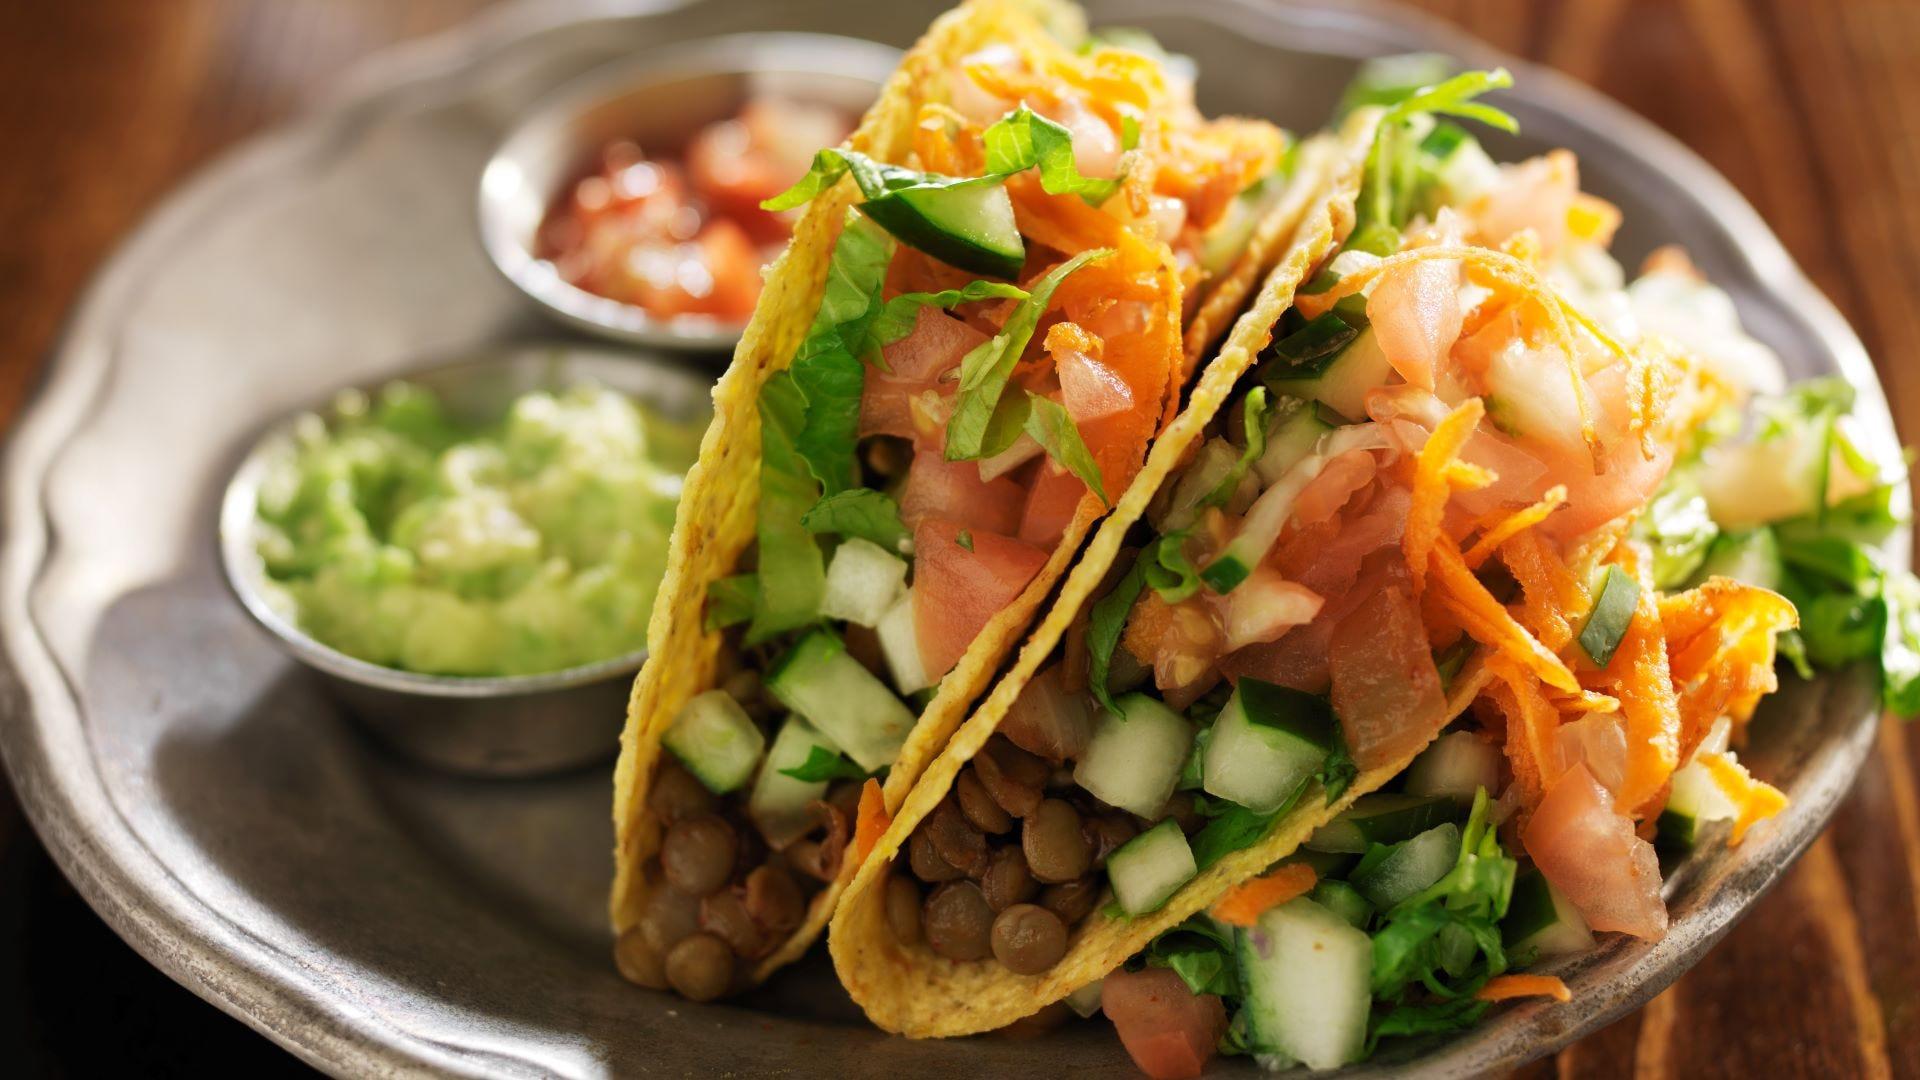 Vegetarian lentil tacos on a plate.